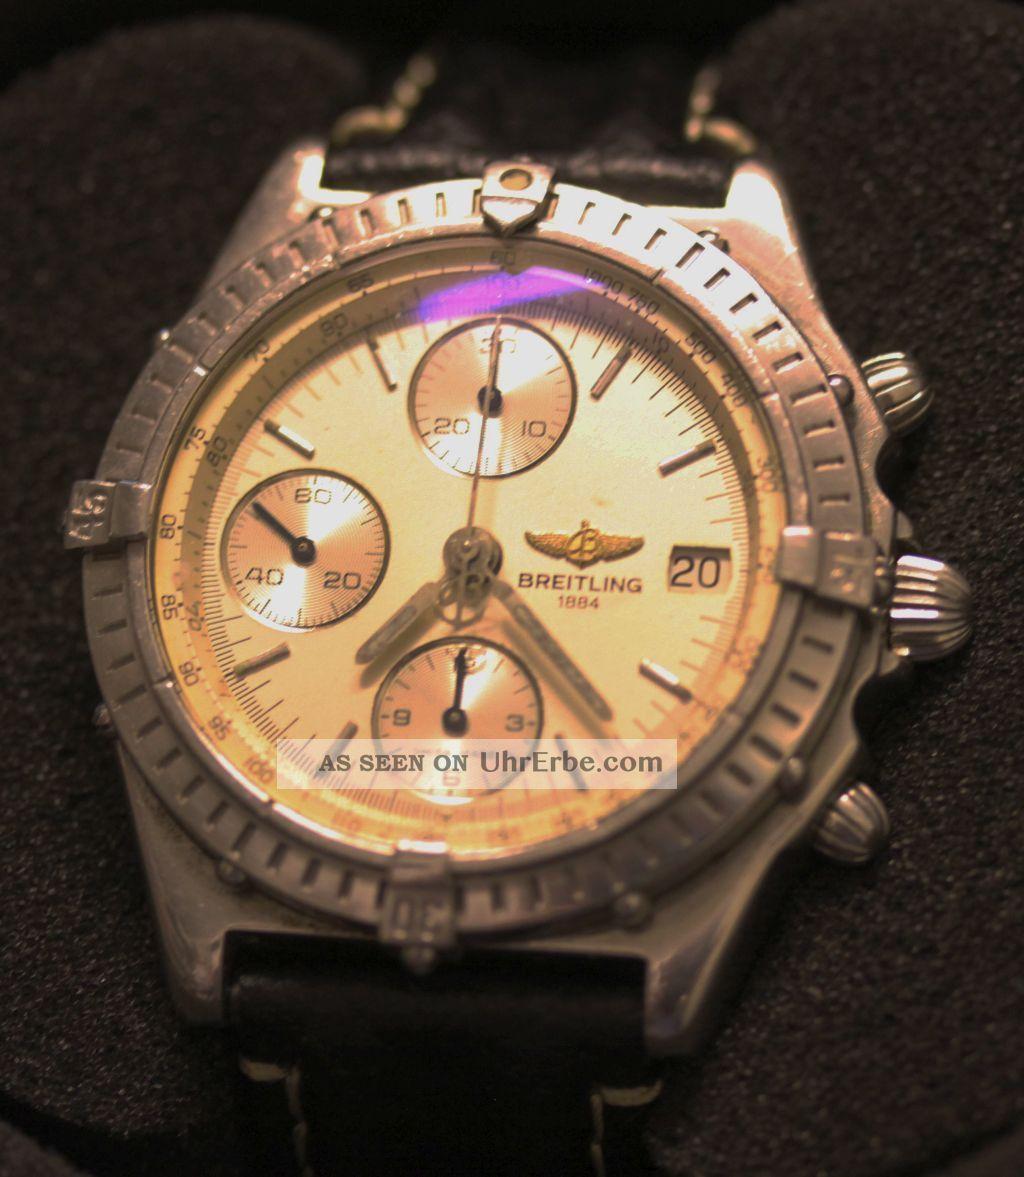 Breitling Chronomat Ref Nr 13050 In Limitierter Auflage Armbanduhren Bild